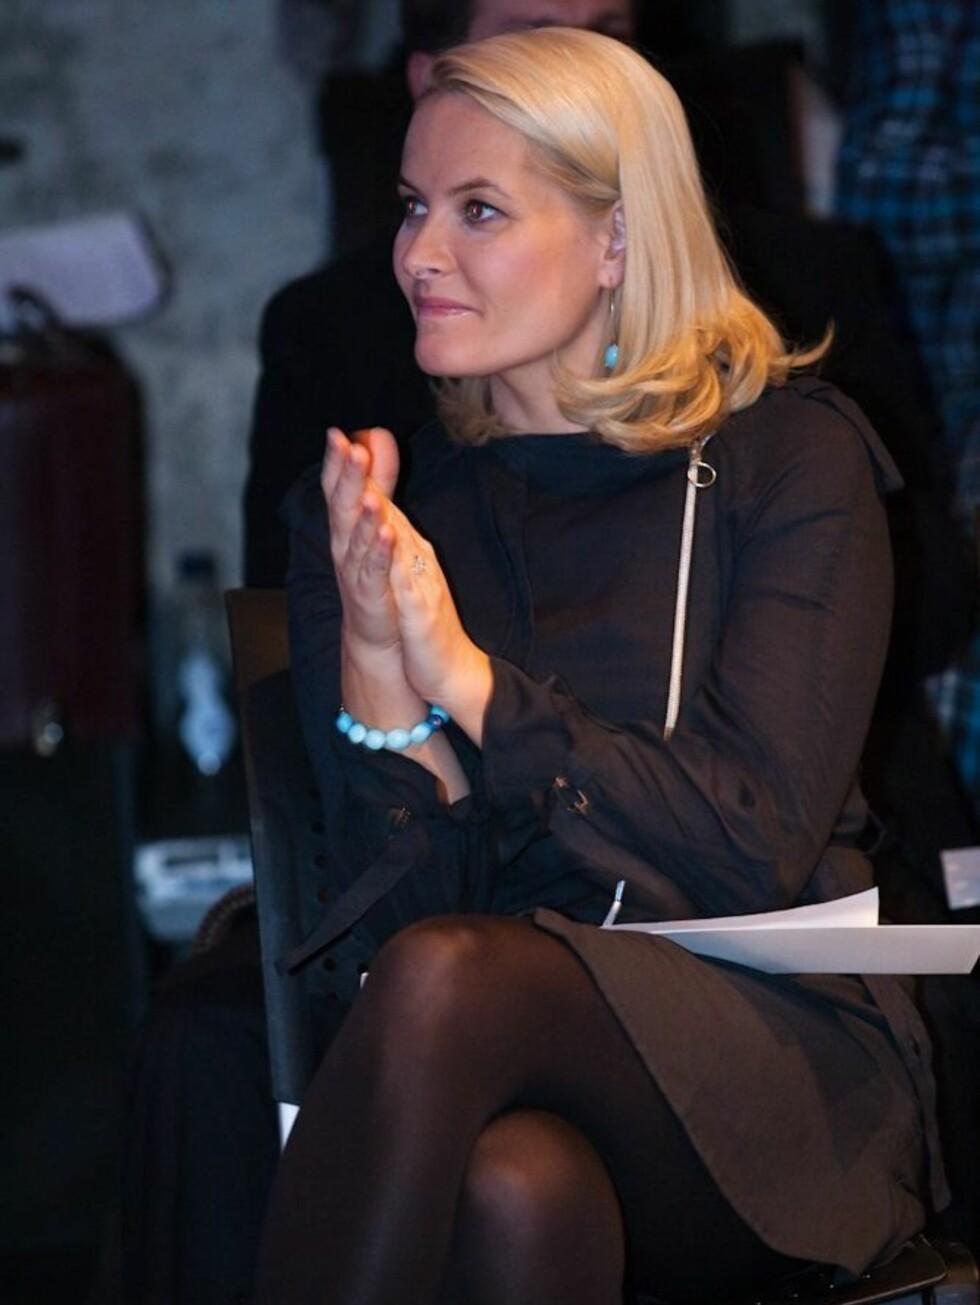 Kronprinsesse Mette-Marit valgte svarte, tykke strømpebukser som tilbehør til FIN-kjolen hun hadde på seg under moteuken, sammen med turkist armbånd og matchende ørepynt. Foto: Kjersti Staarvik